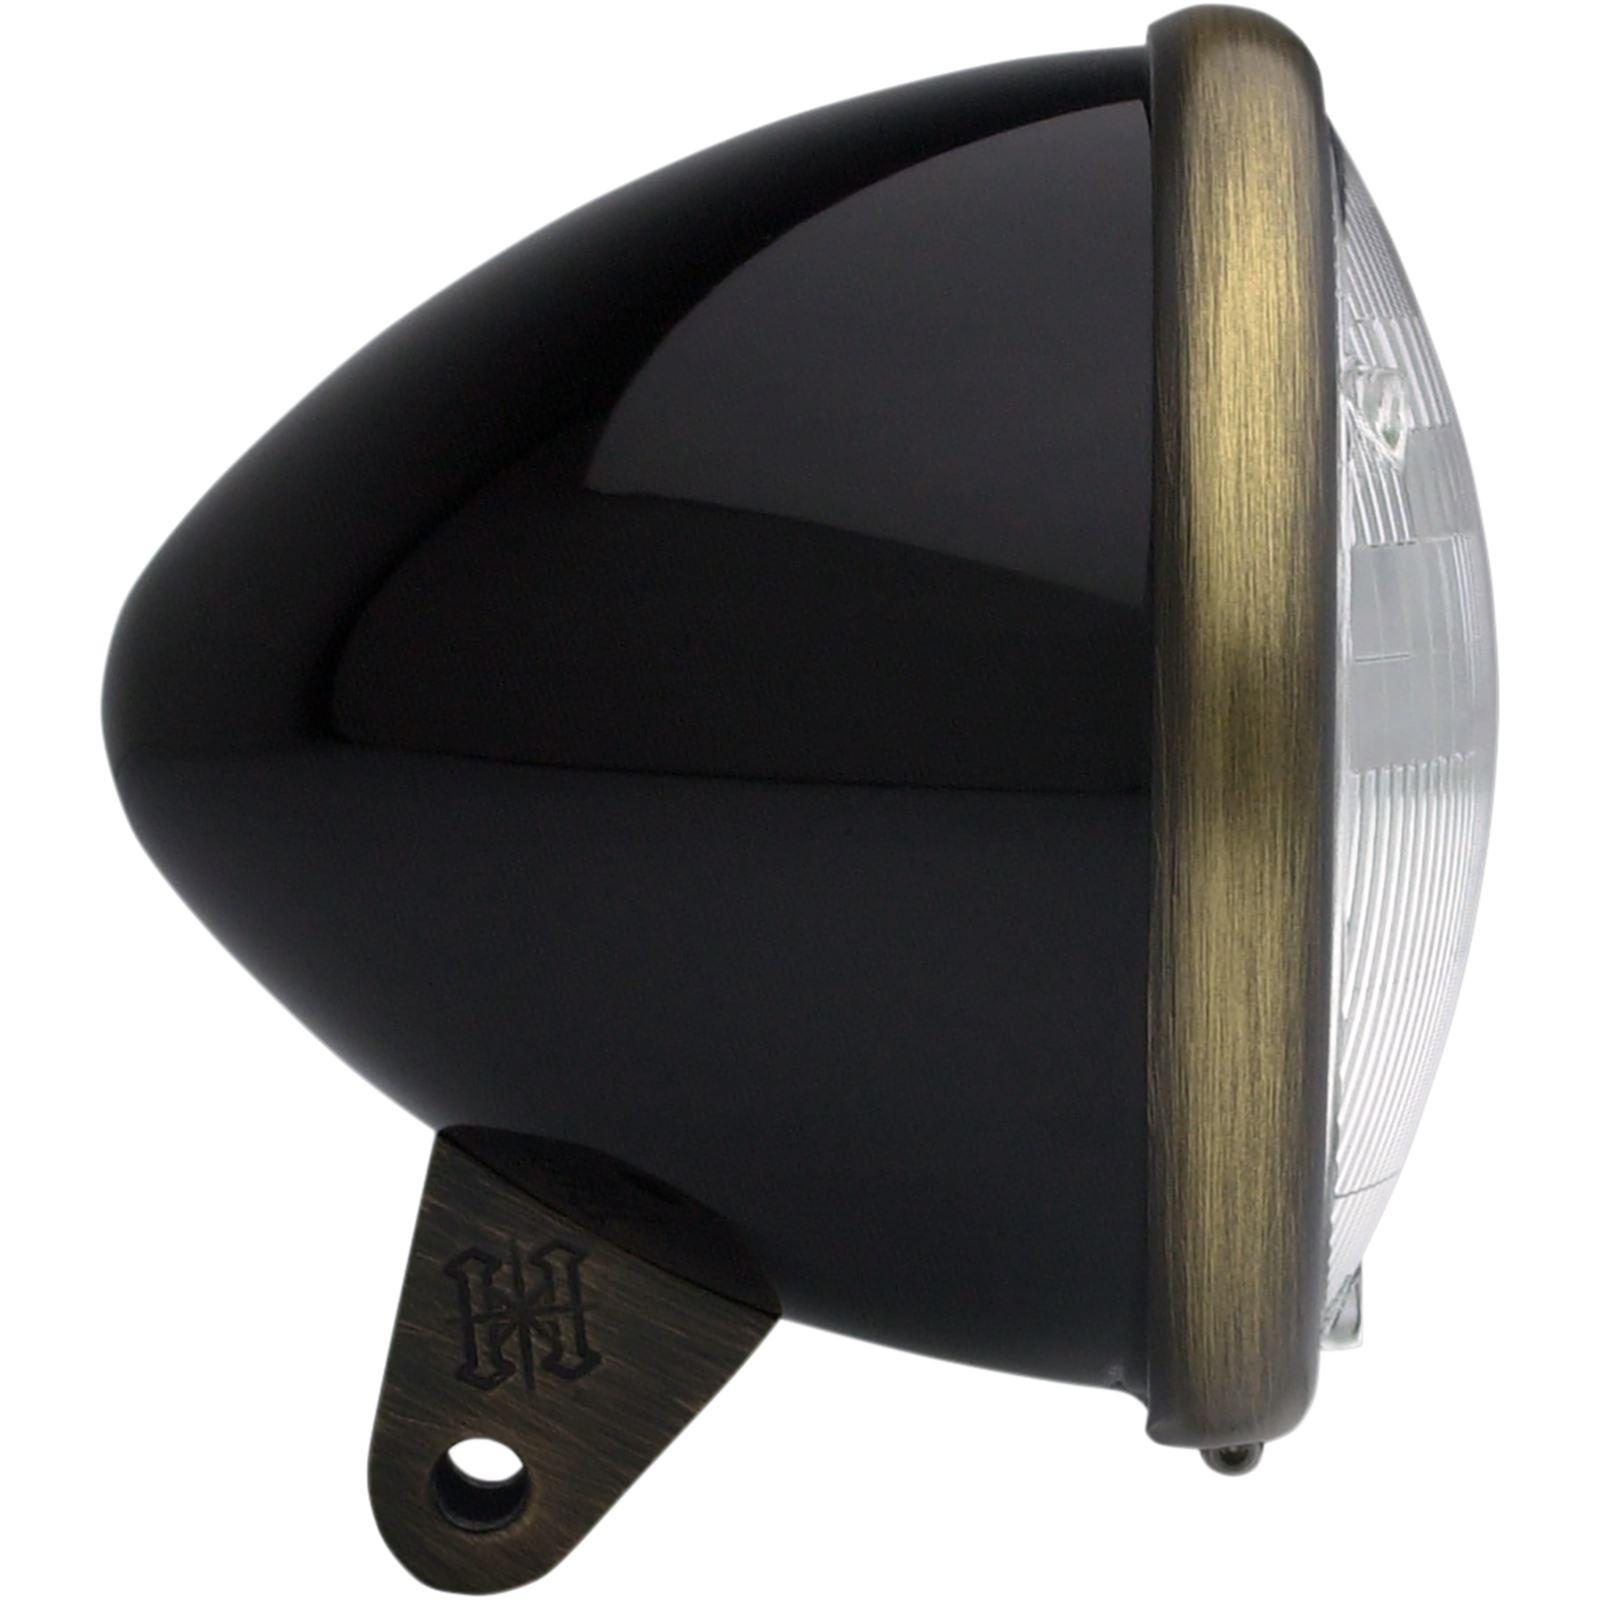 """Headwinds 5.75"""" Headlight Housing - Bullet Smooth - Black/Antique Brass"""